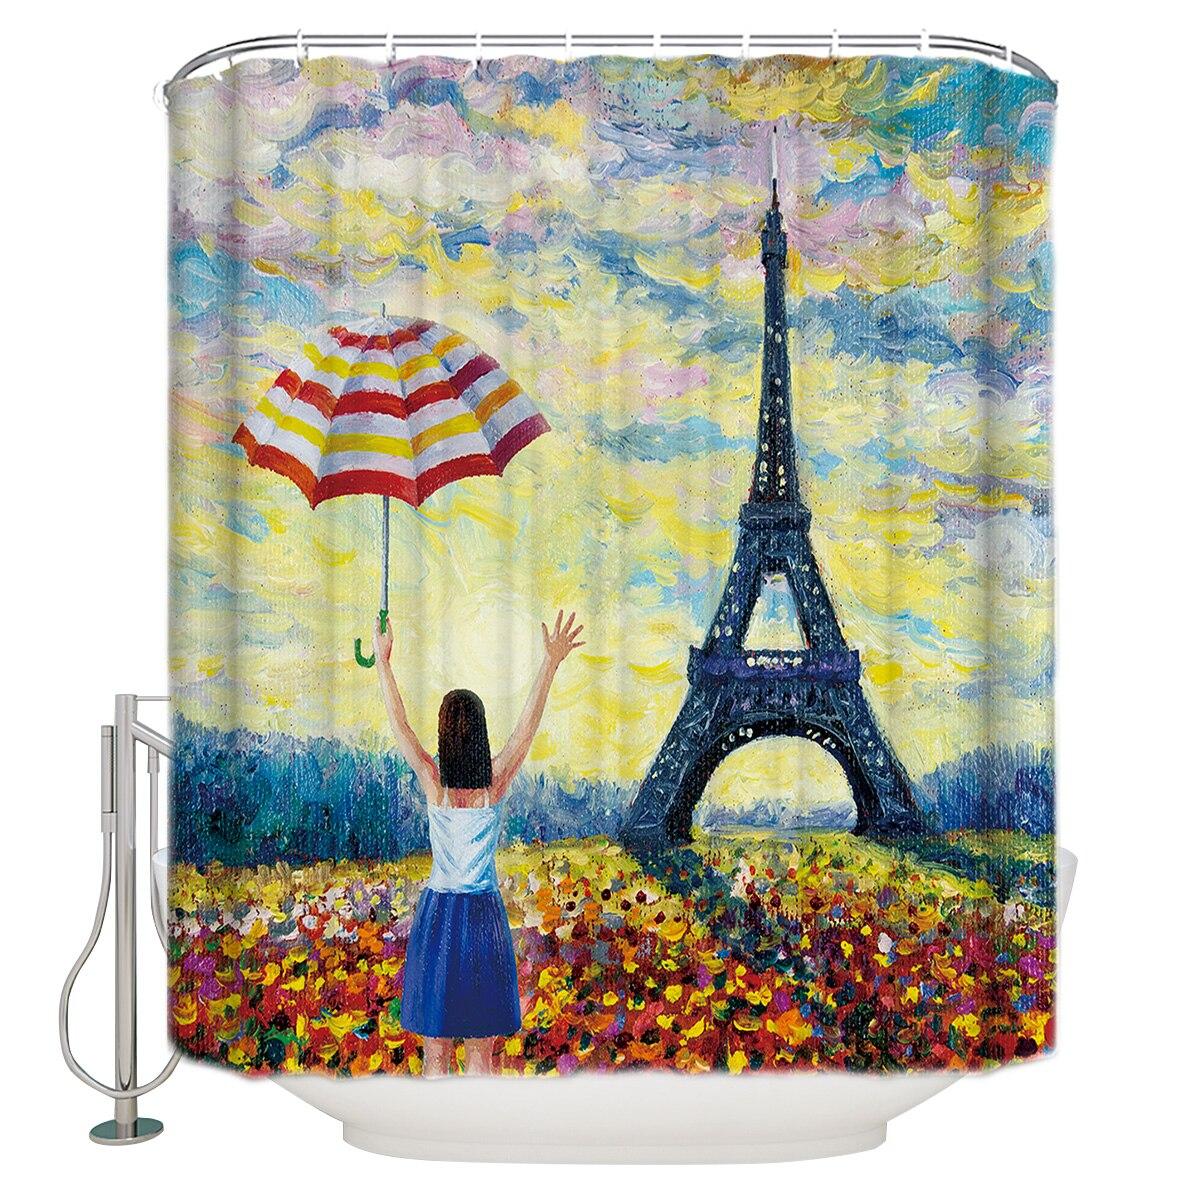 Pintura a óleo estilo torre eiffel menina guarda-chuva cortina de chuveiro à prova dmilágua e mildewproof poliéster tecido cortina de banho design